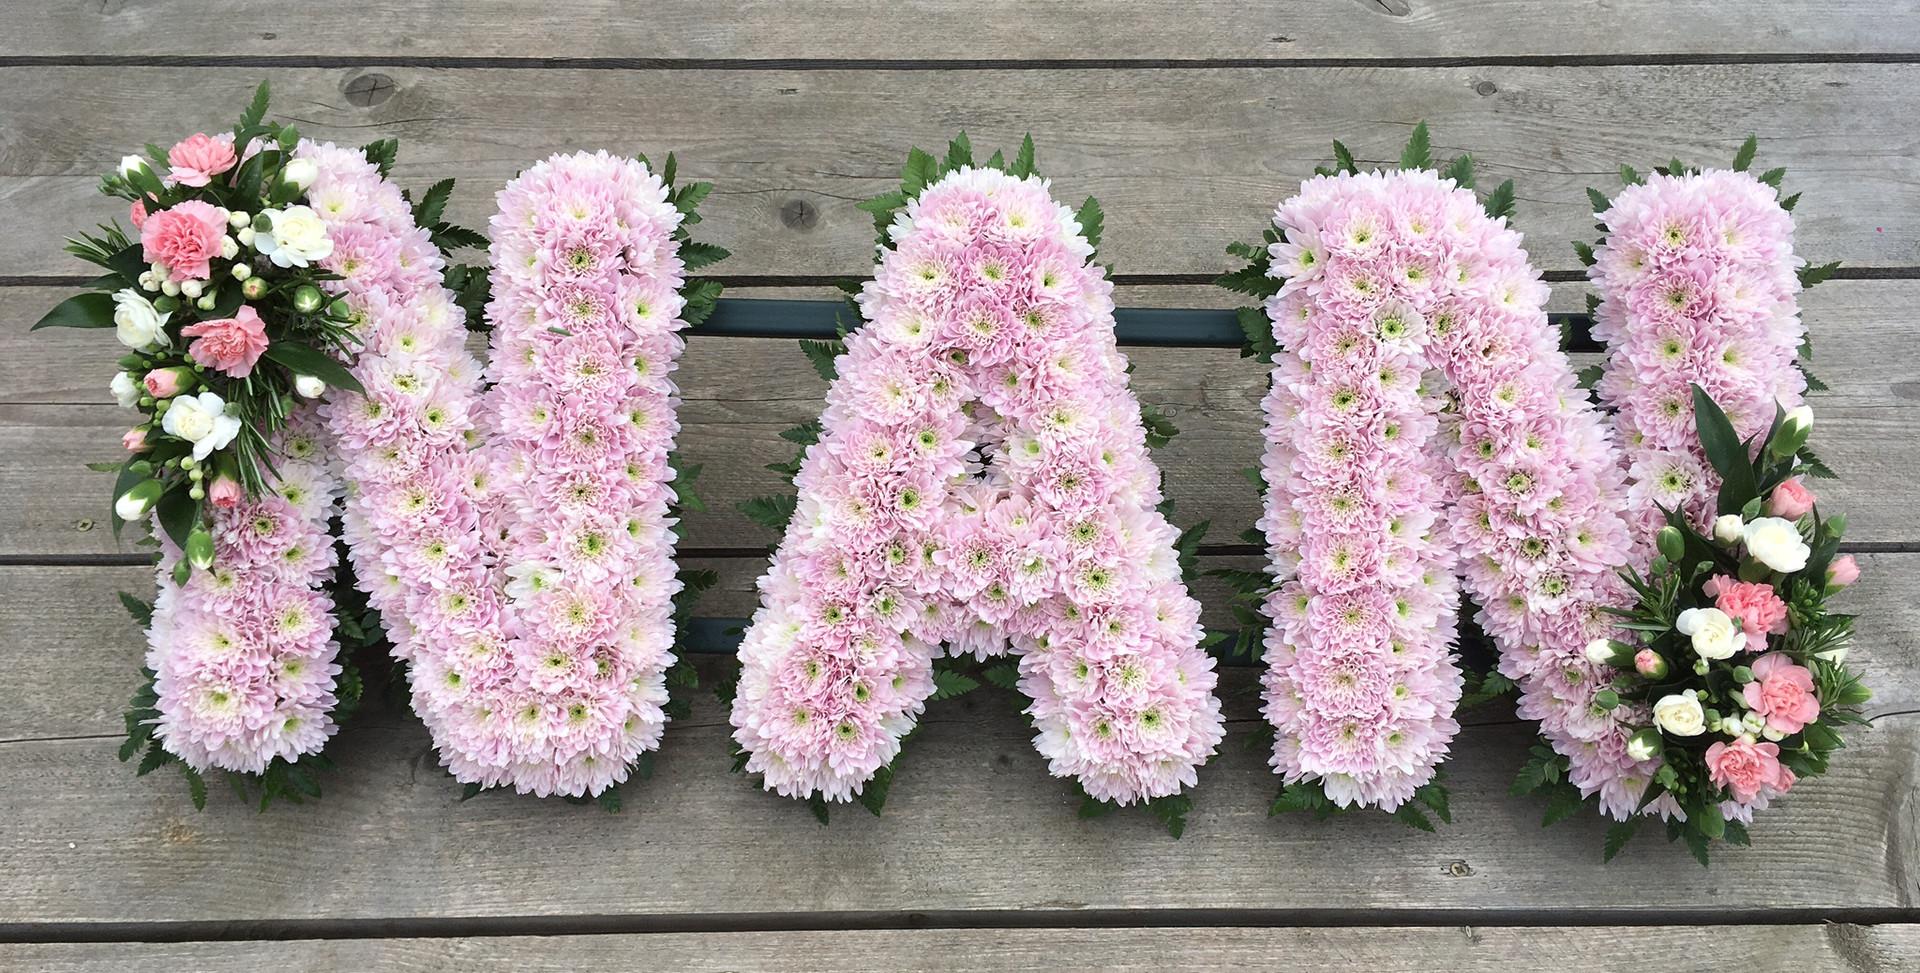 Floral Lettering - Nan